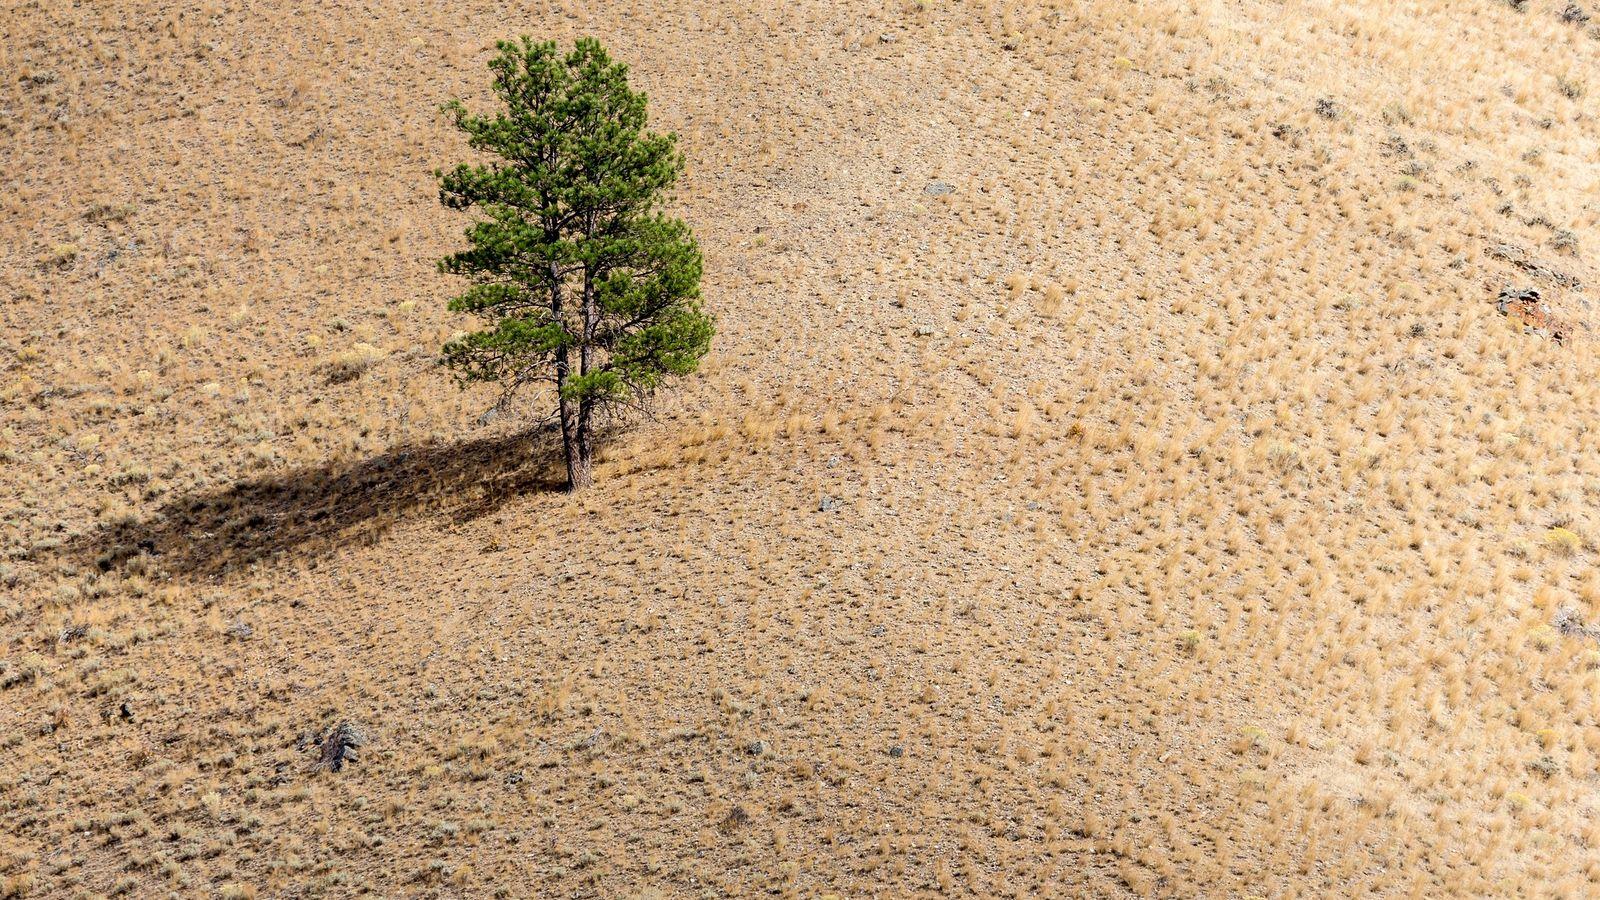 A única árvore na encosta, ao final da tarde.